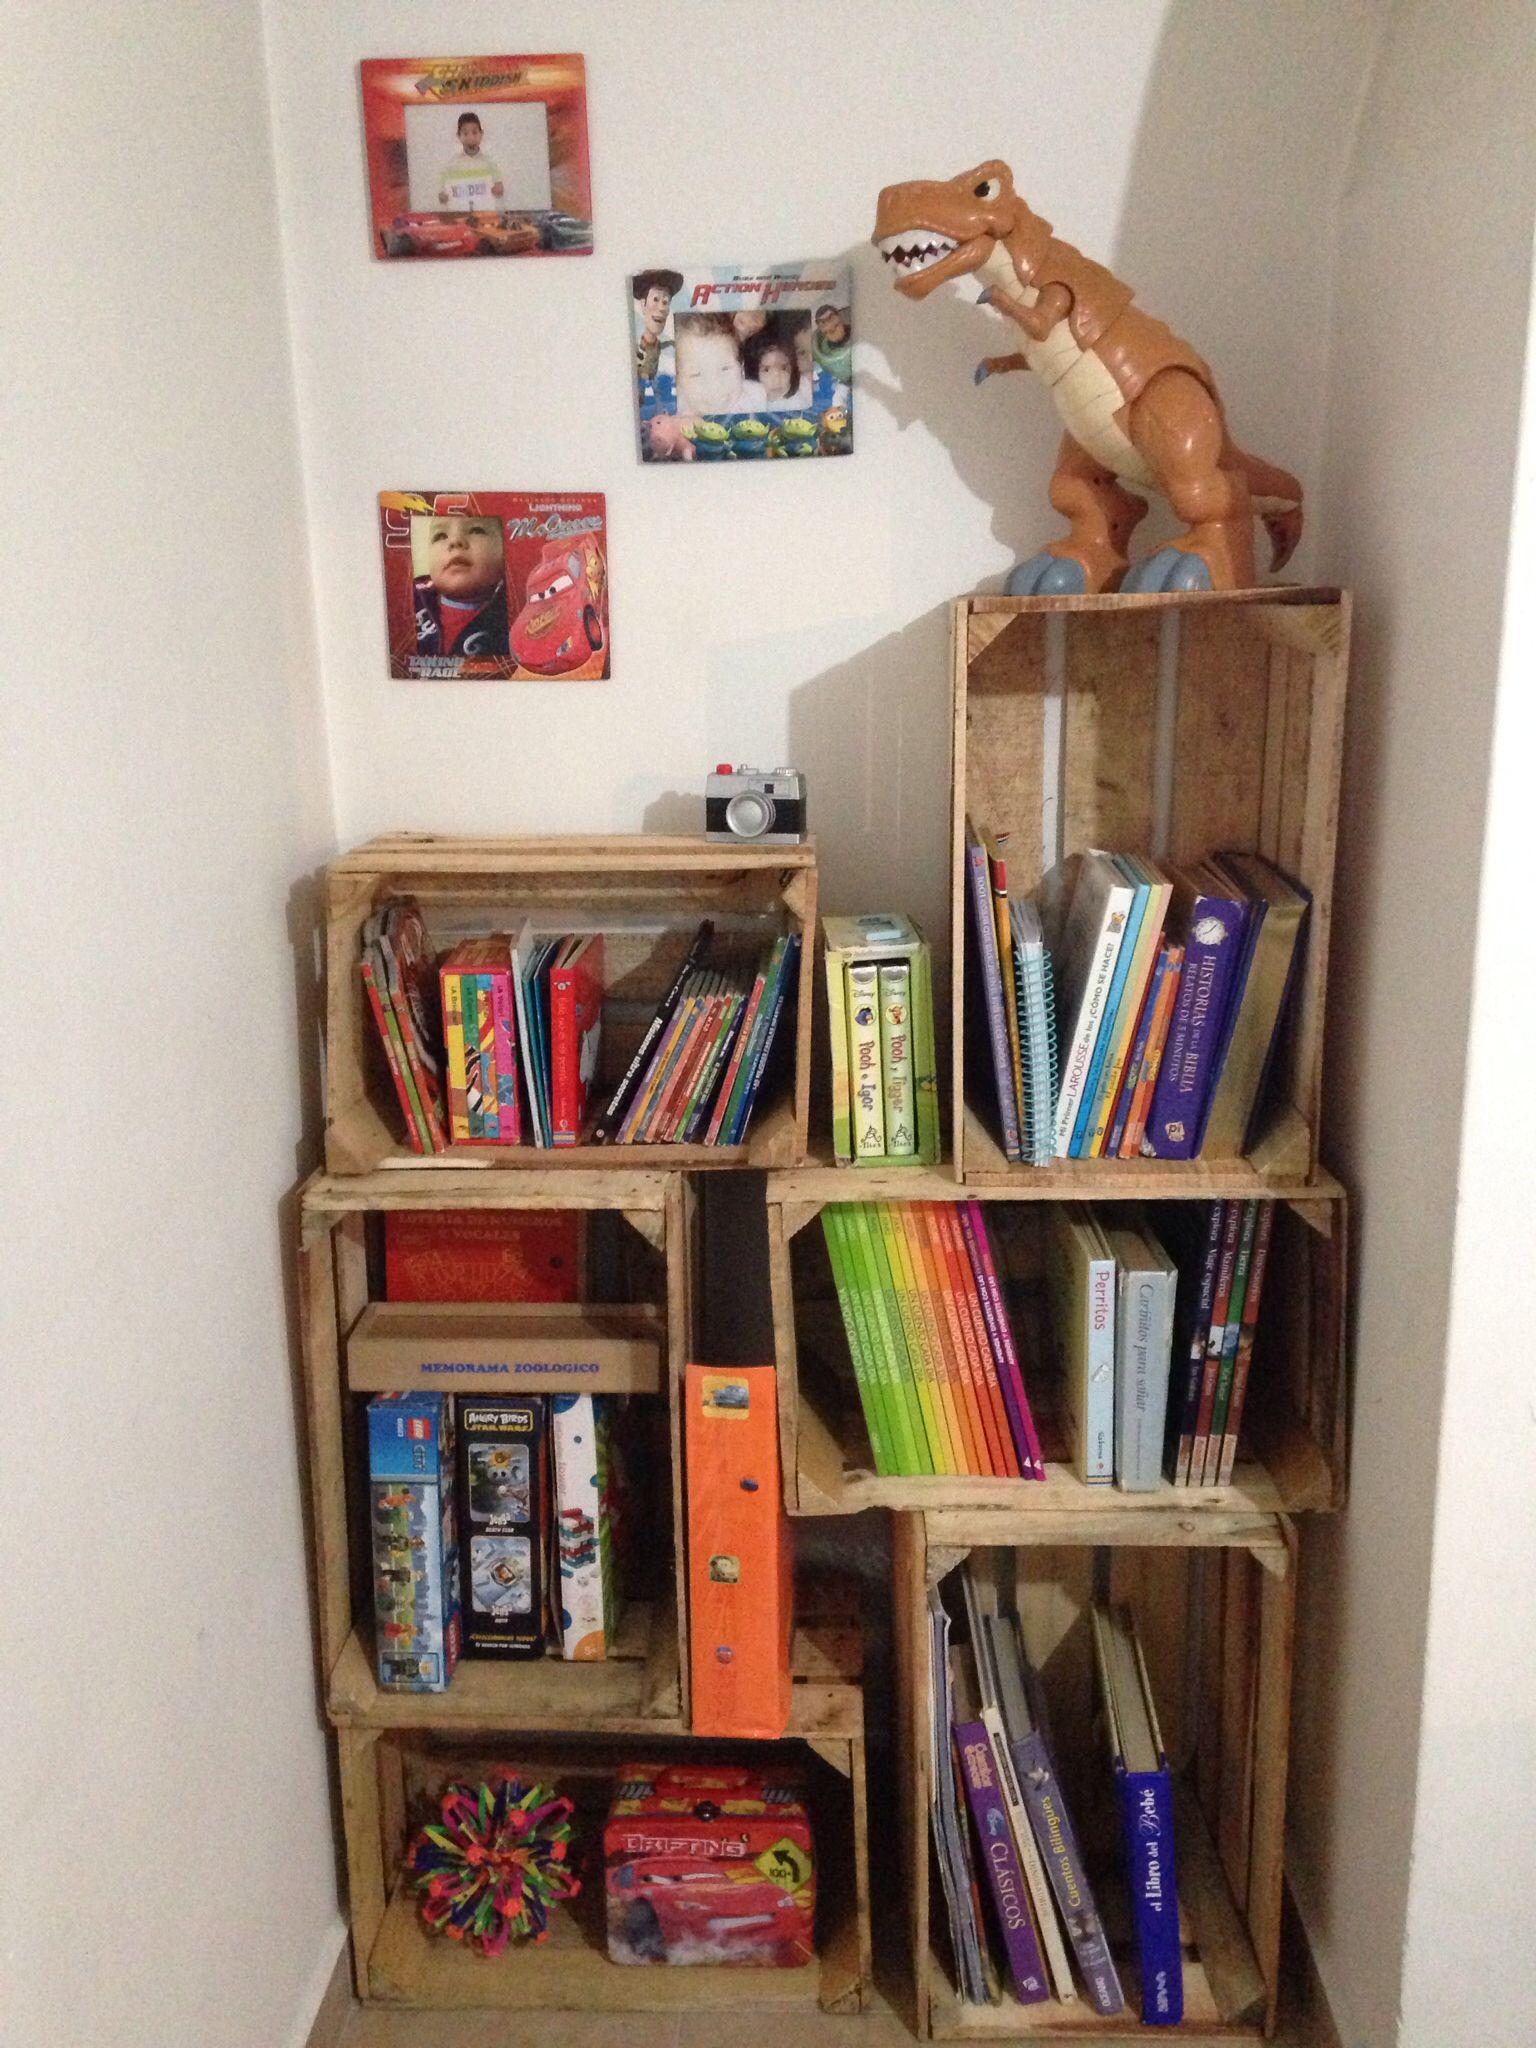 Mueble reciclado librero ideas for the house for Muebles reciclados ideas